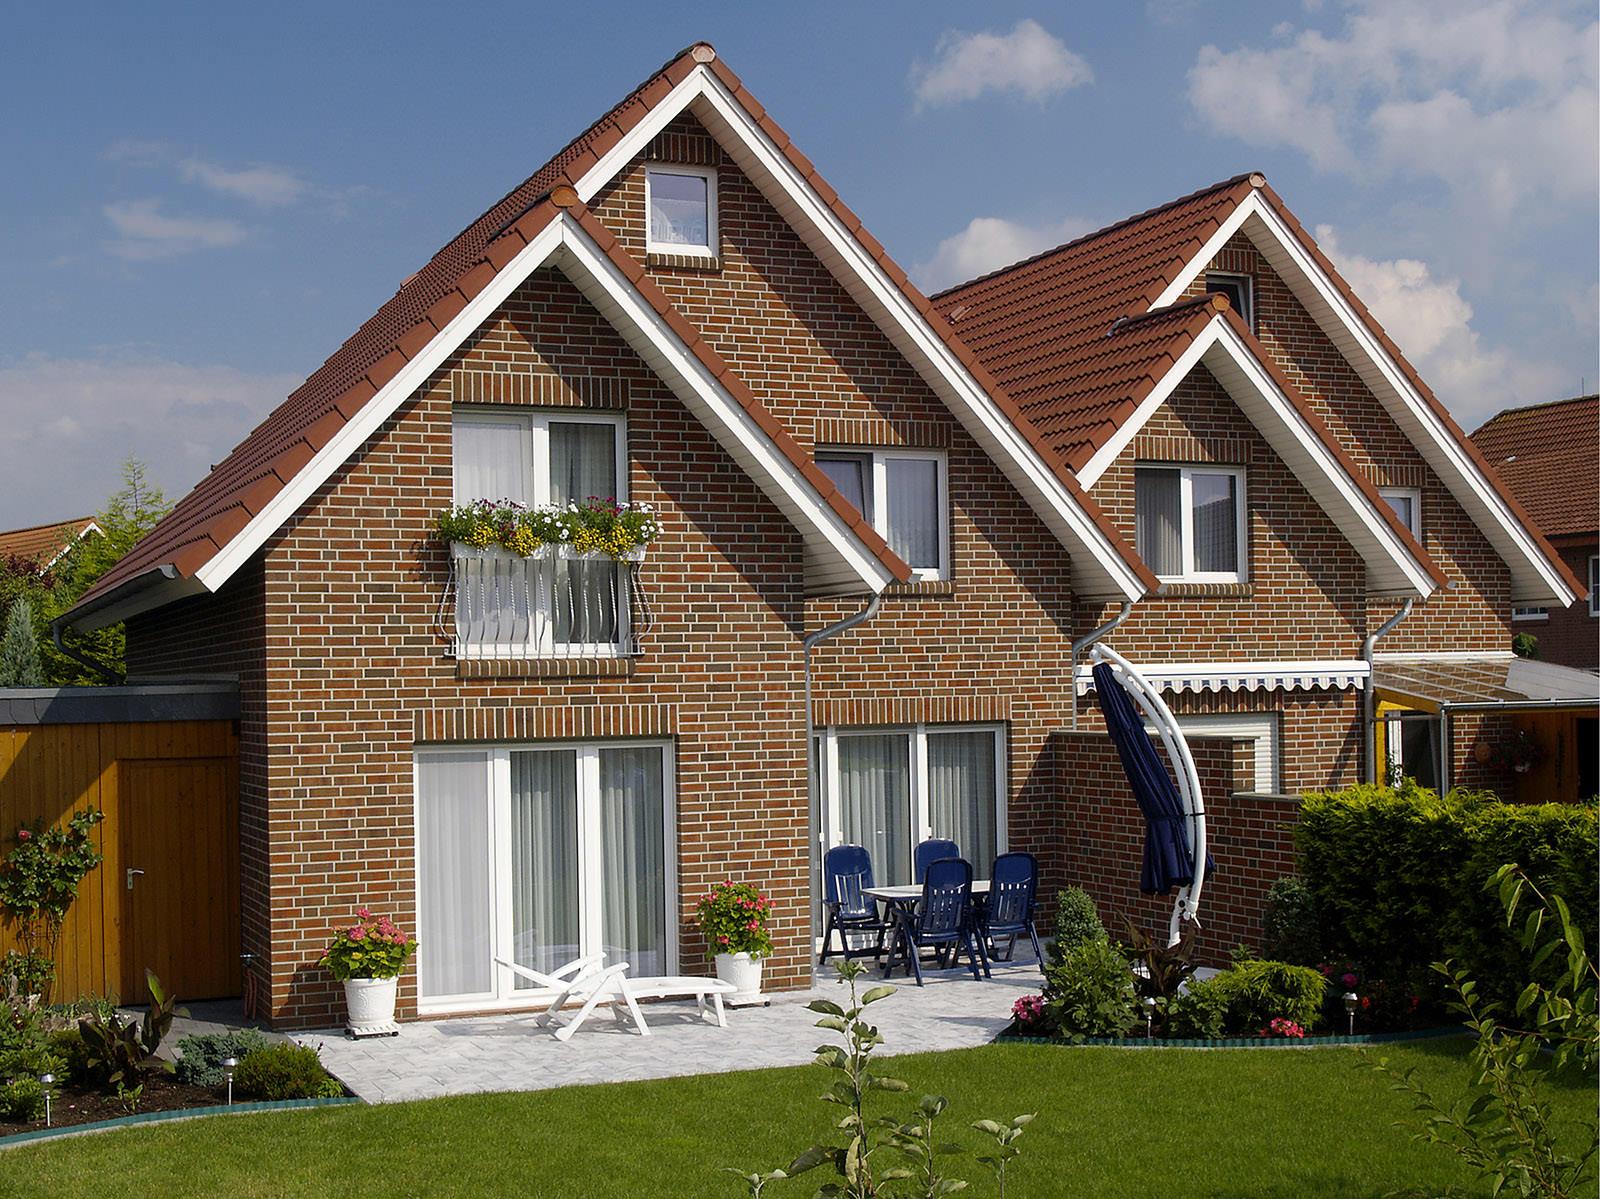 Небольшой кирпичный двухэтажный дом в классическом стиле